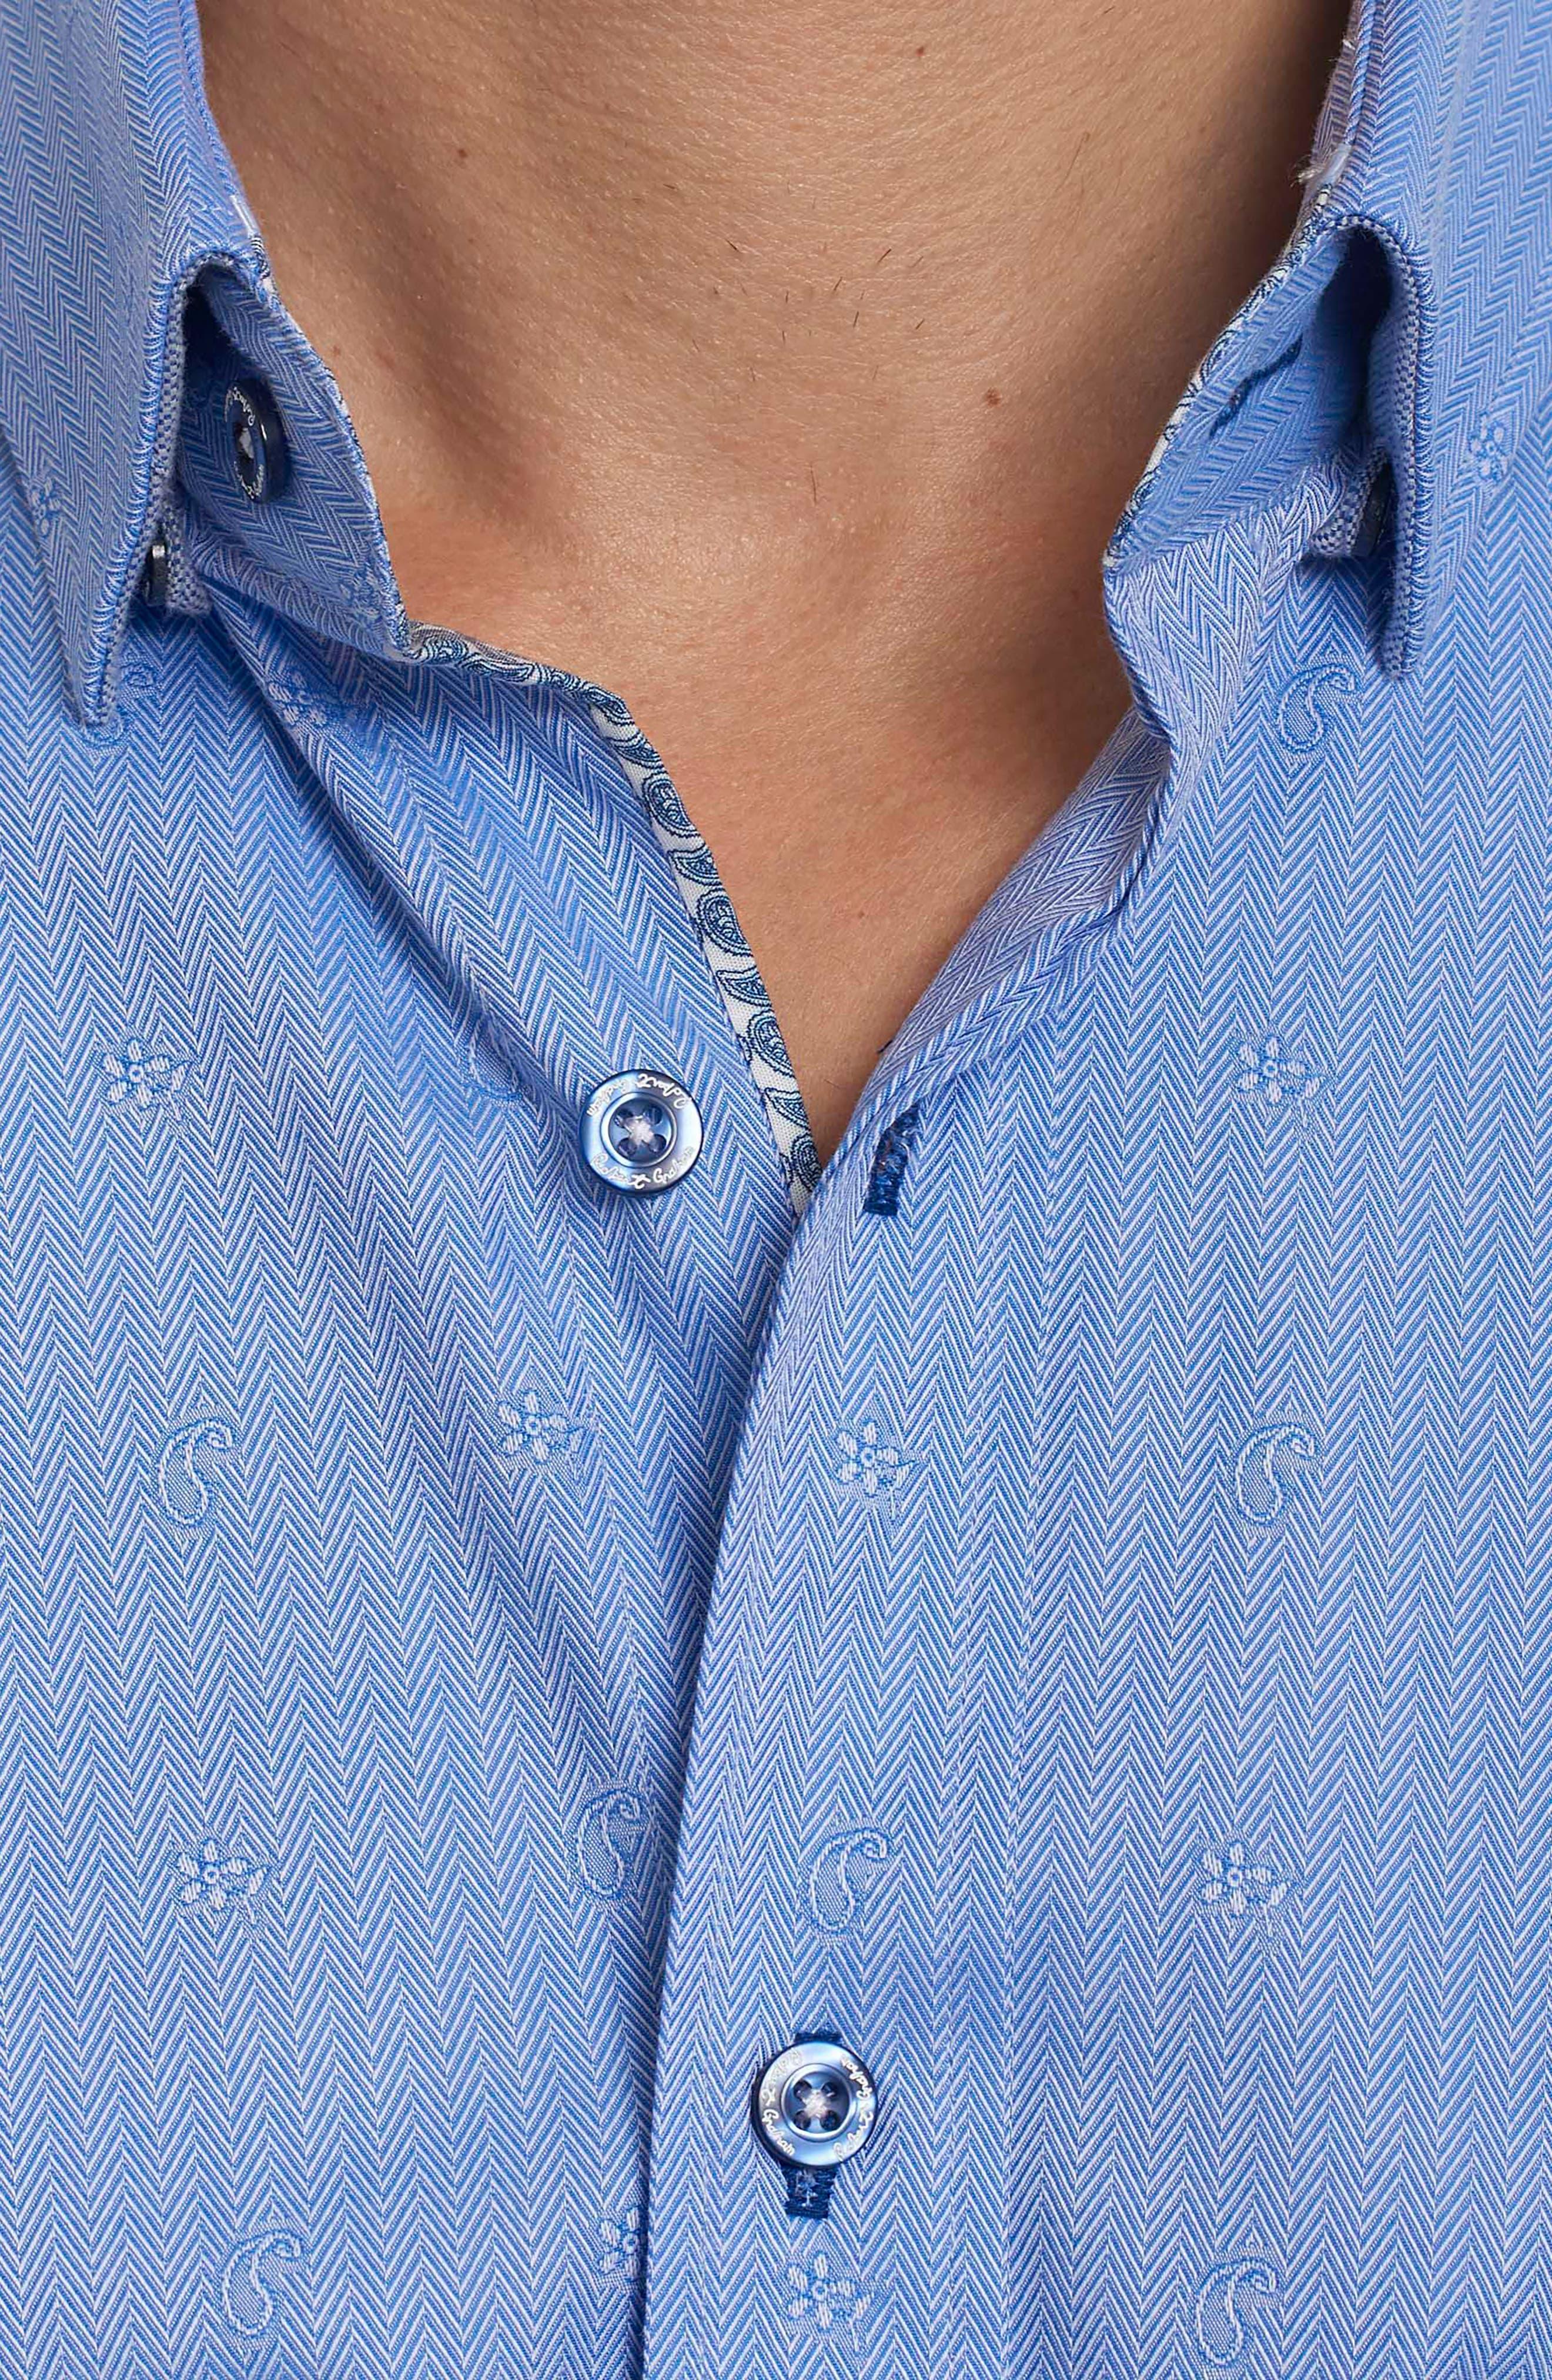 Taner Tailored Fit Dobby Herringbone Sport Shirt,                             Alternate thumbnail 5, color,                             Blue